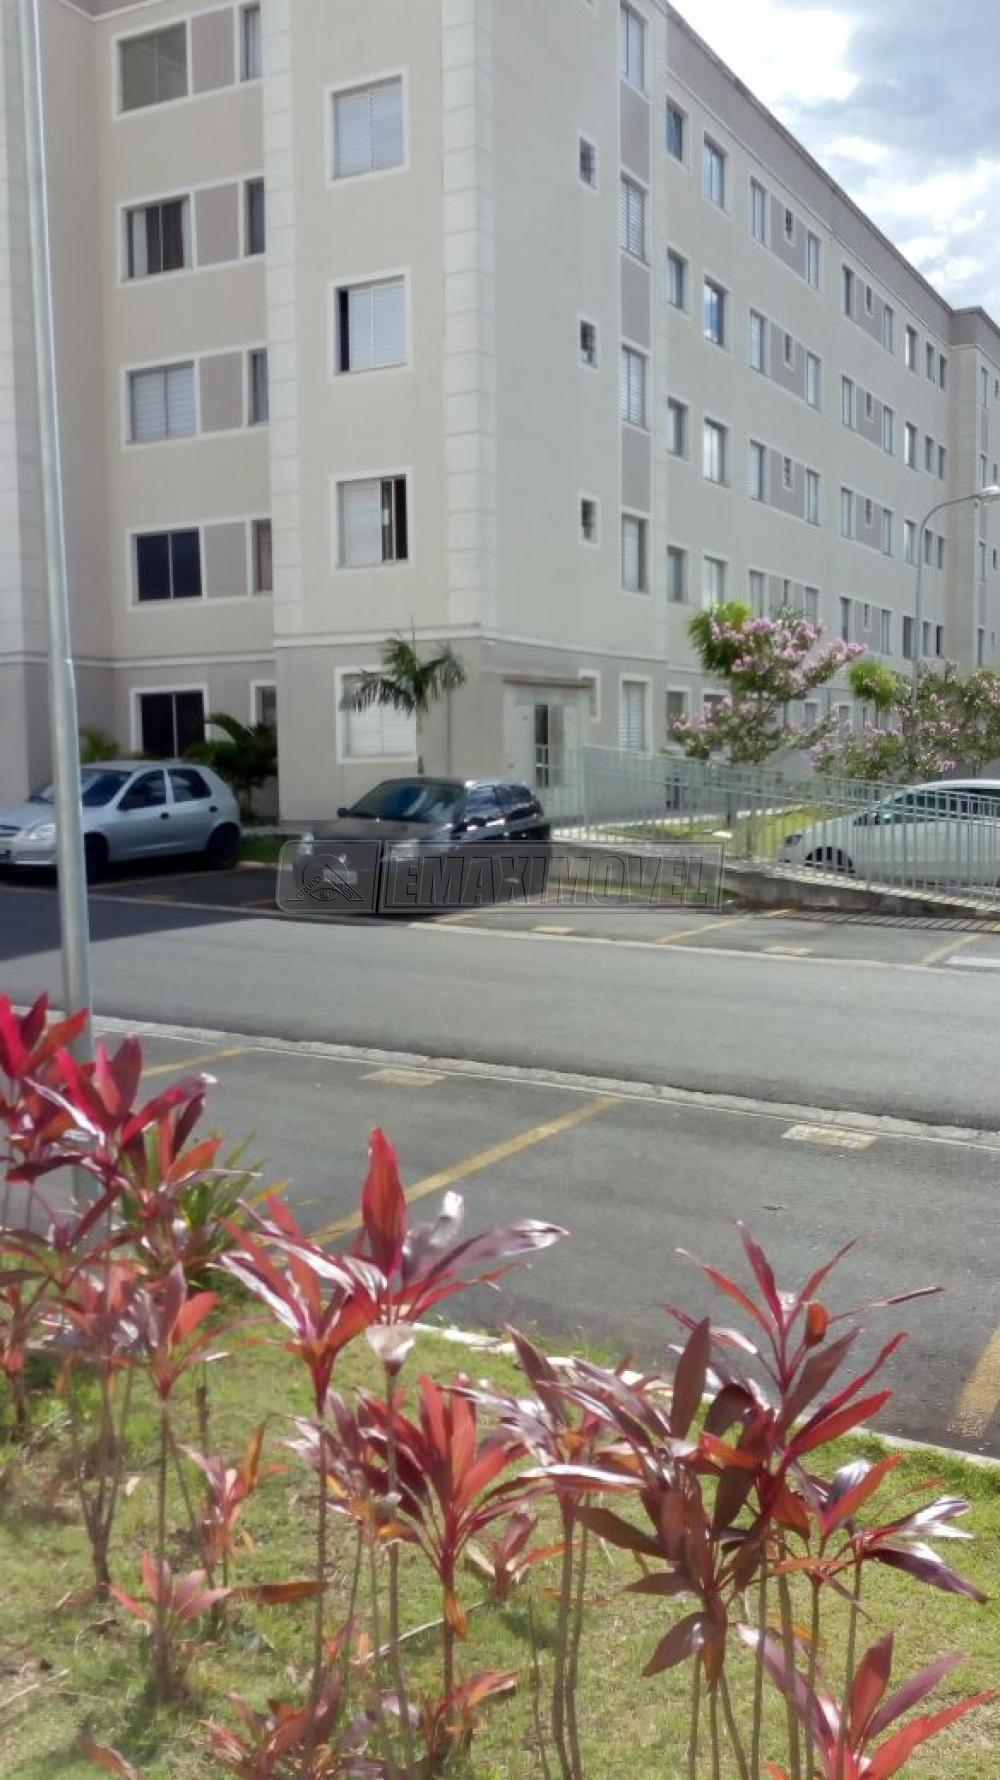 Comprar Apartamentos / Apto Padrão em Sorocaba apenas R$ 160.000,00 - Foto 14